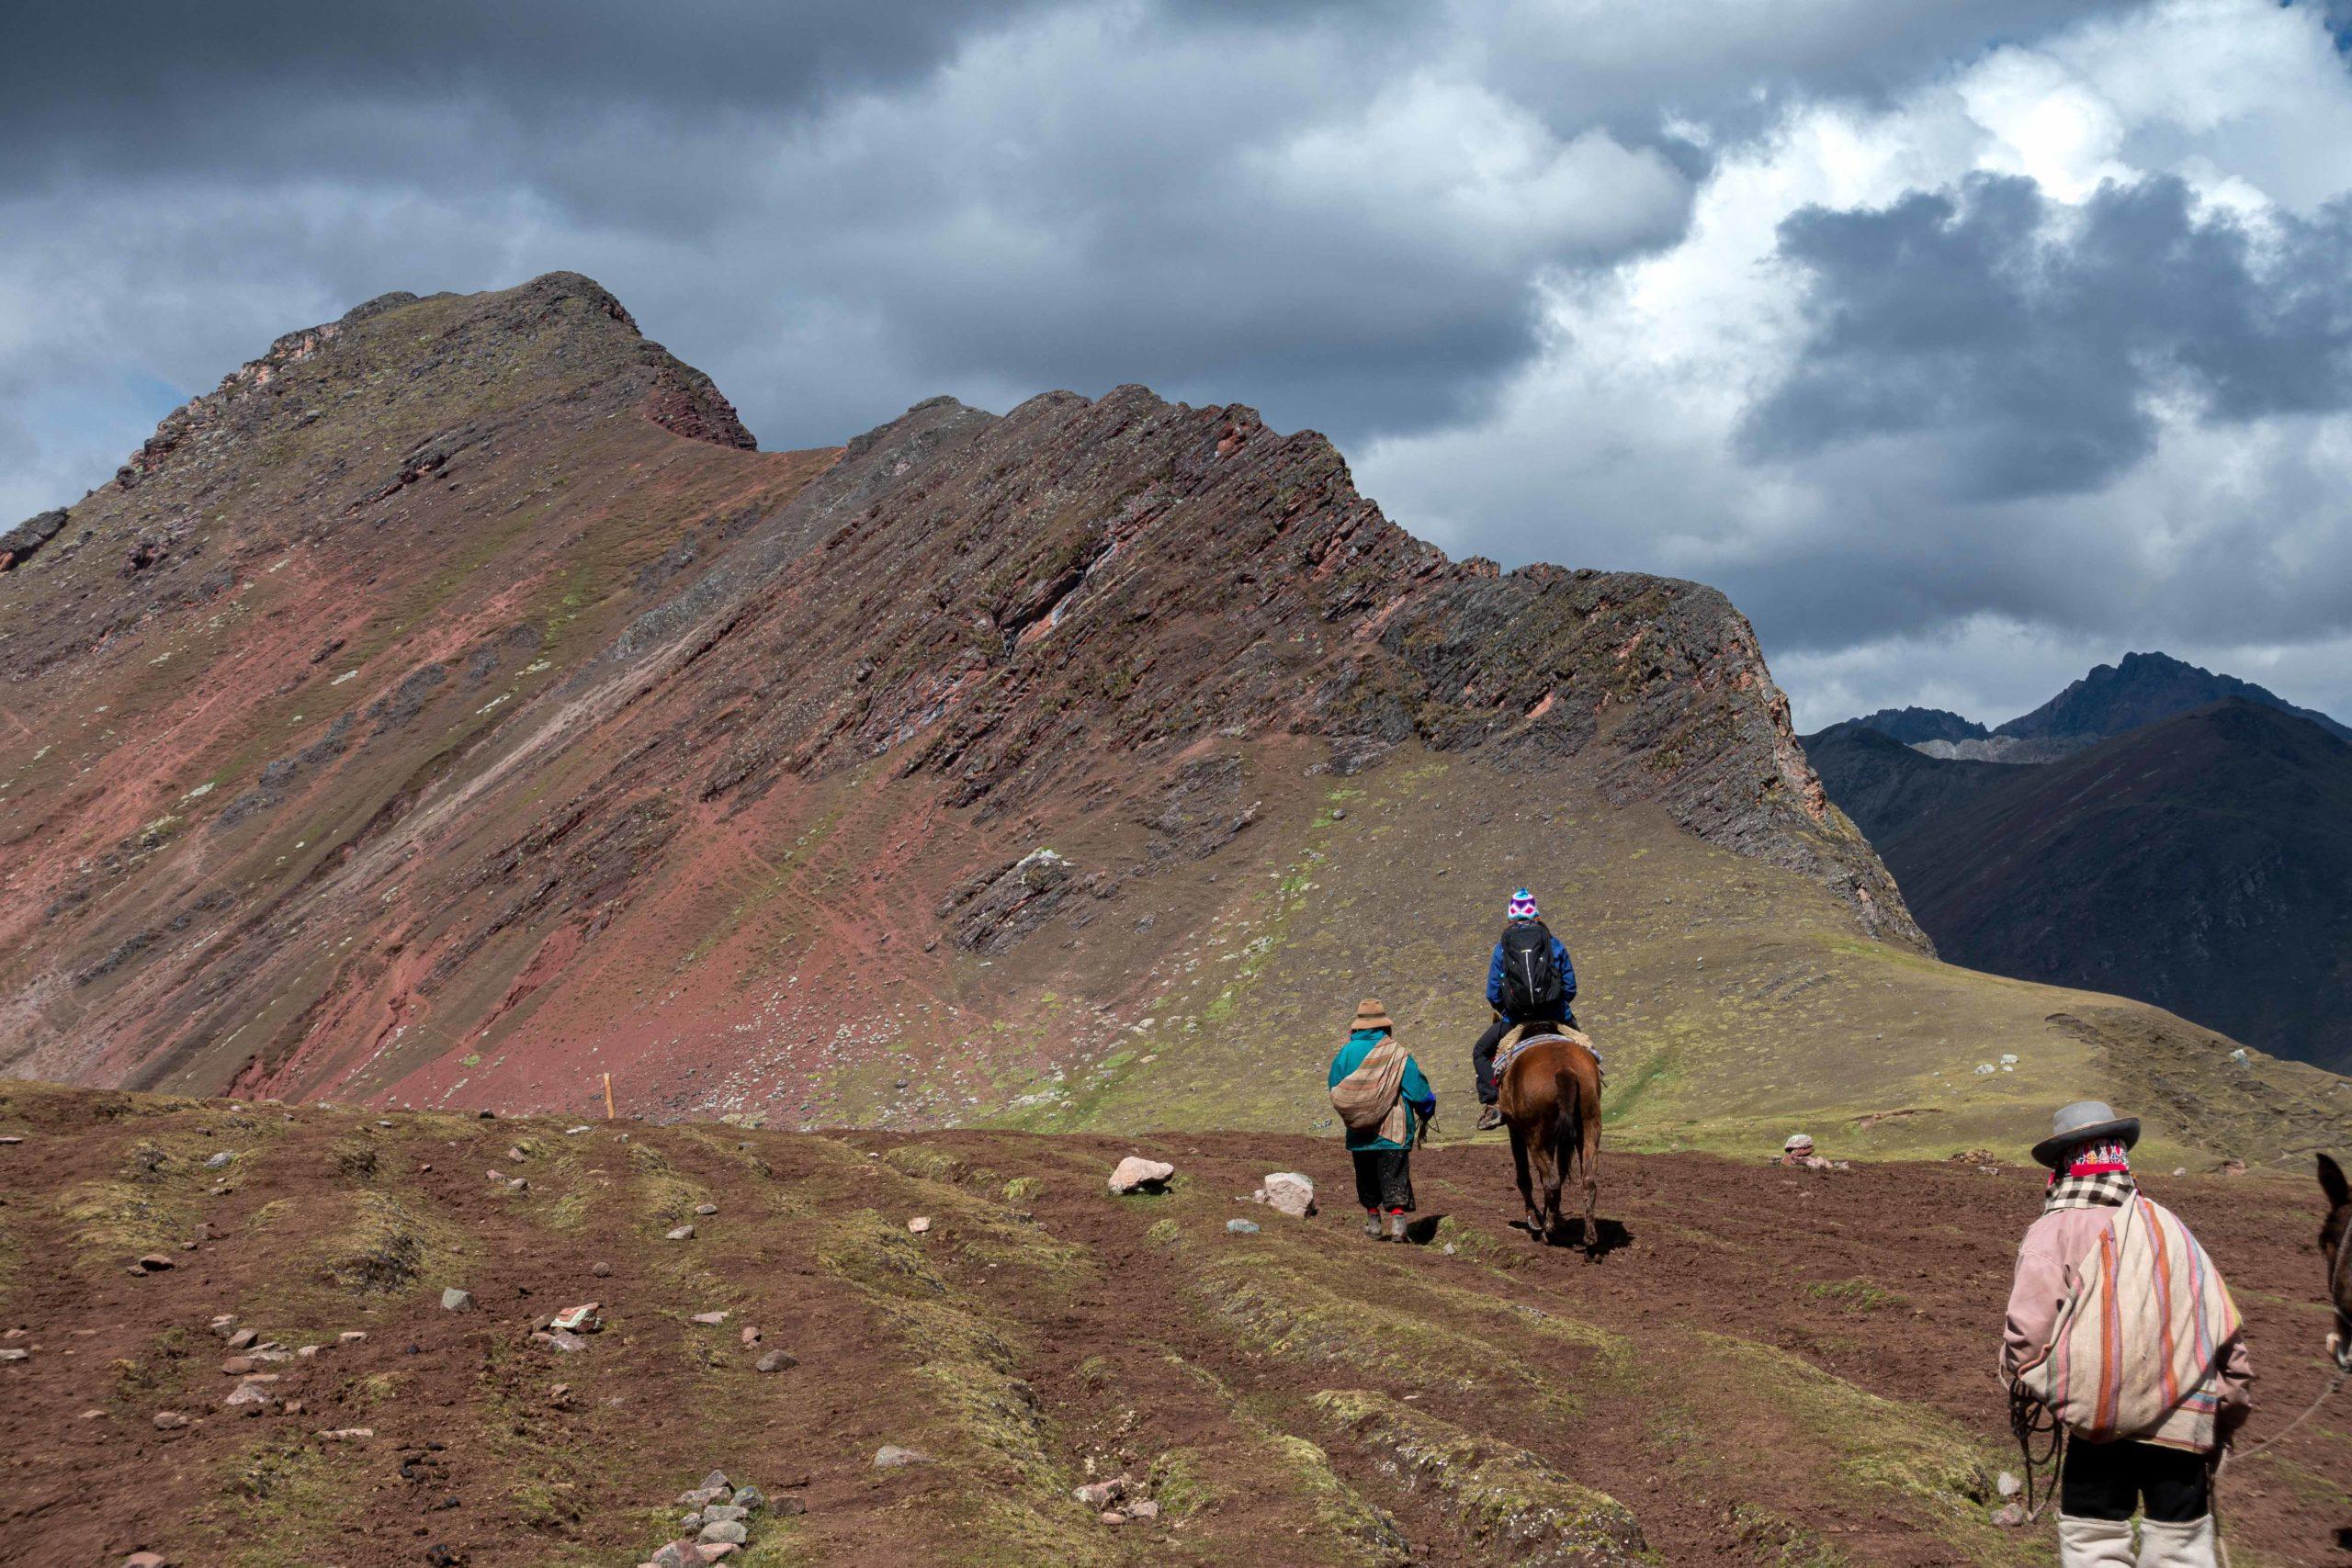 Berge in Peru mit Reitern